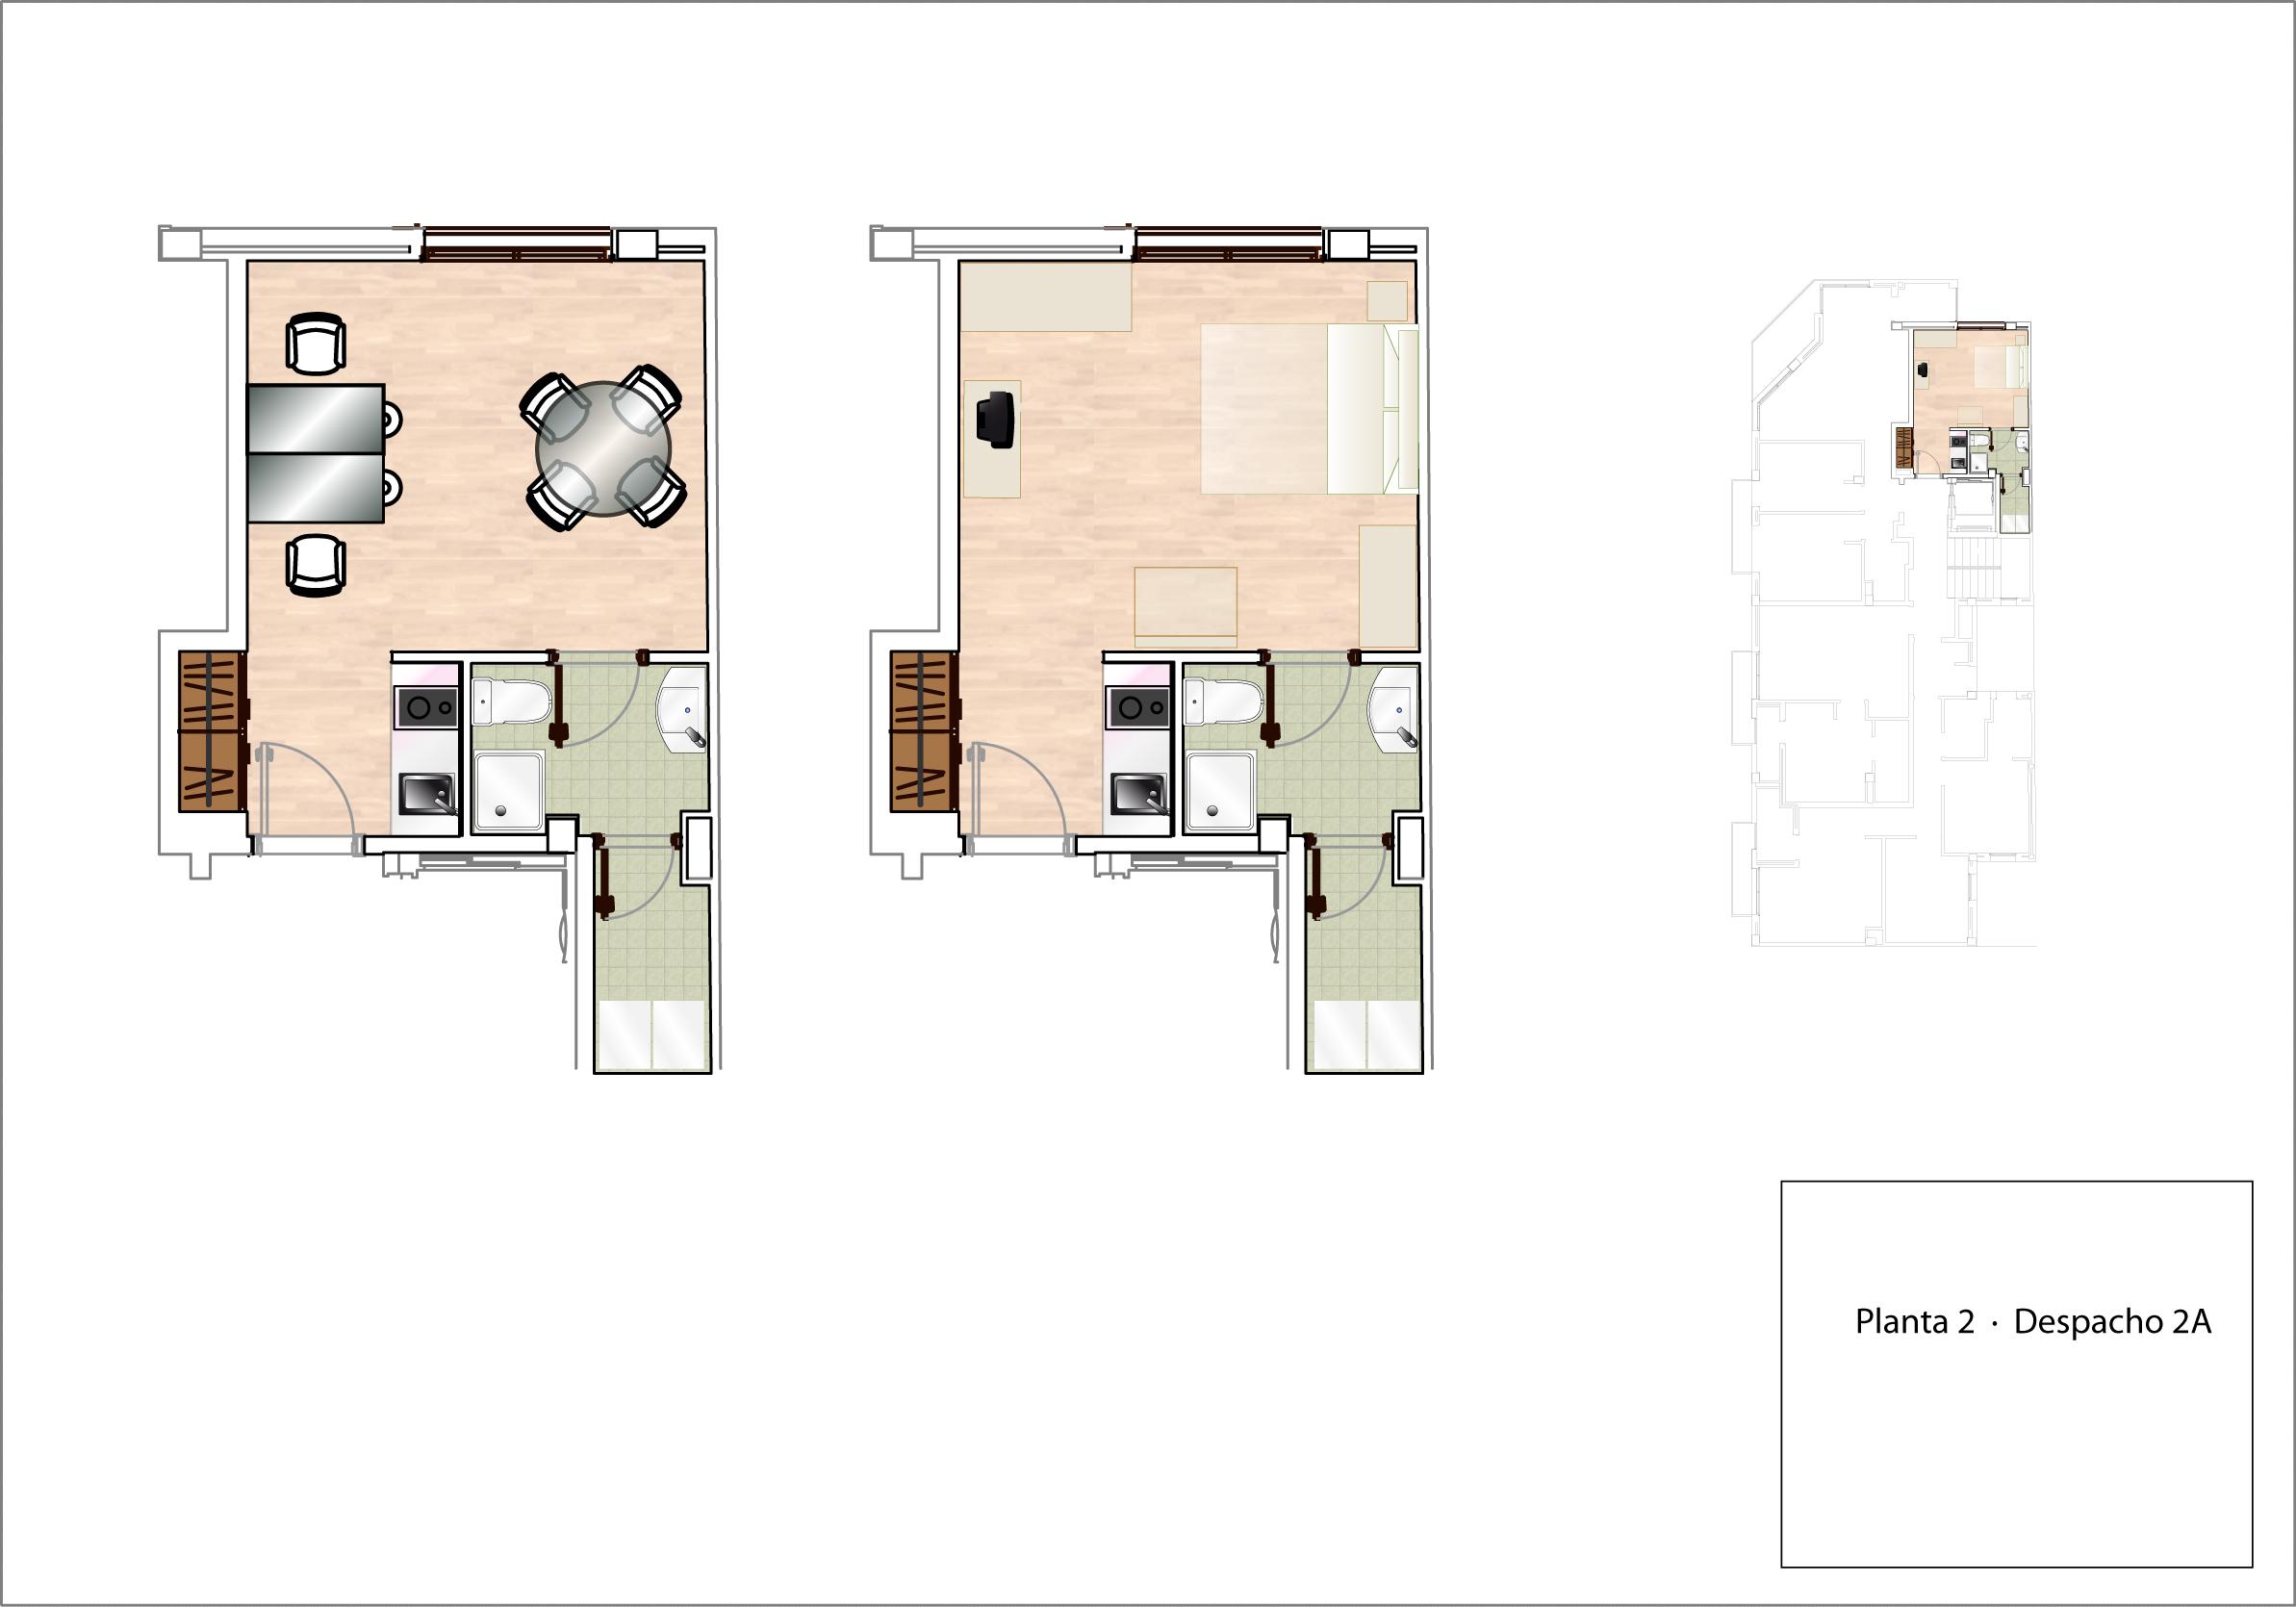 Plano Despacho/Estudio 2A - planta 2